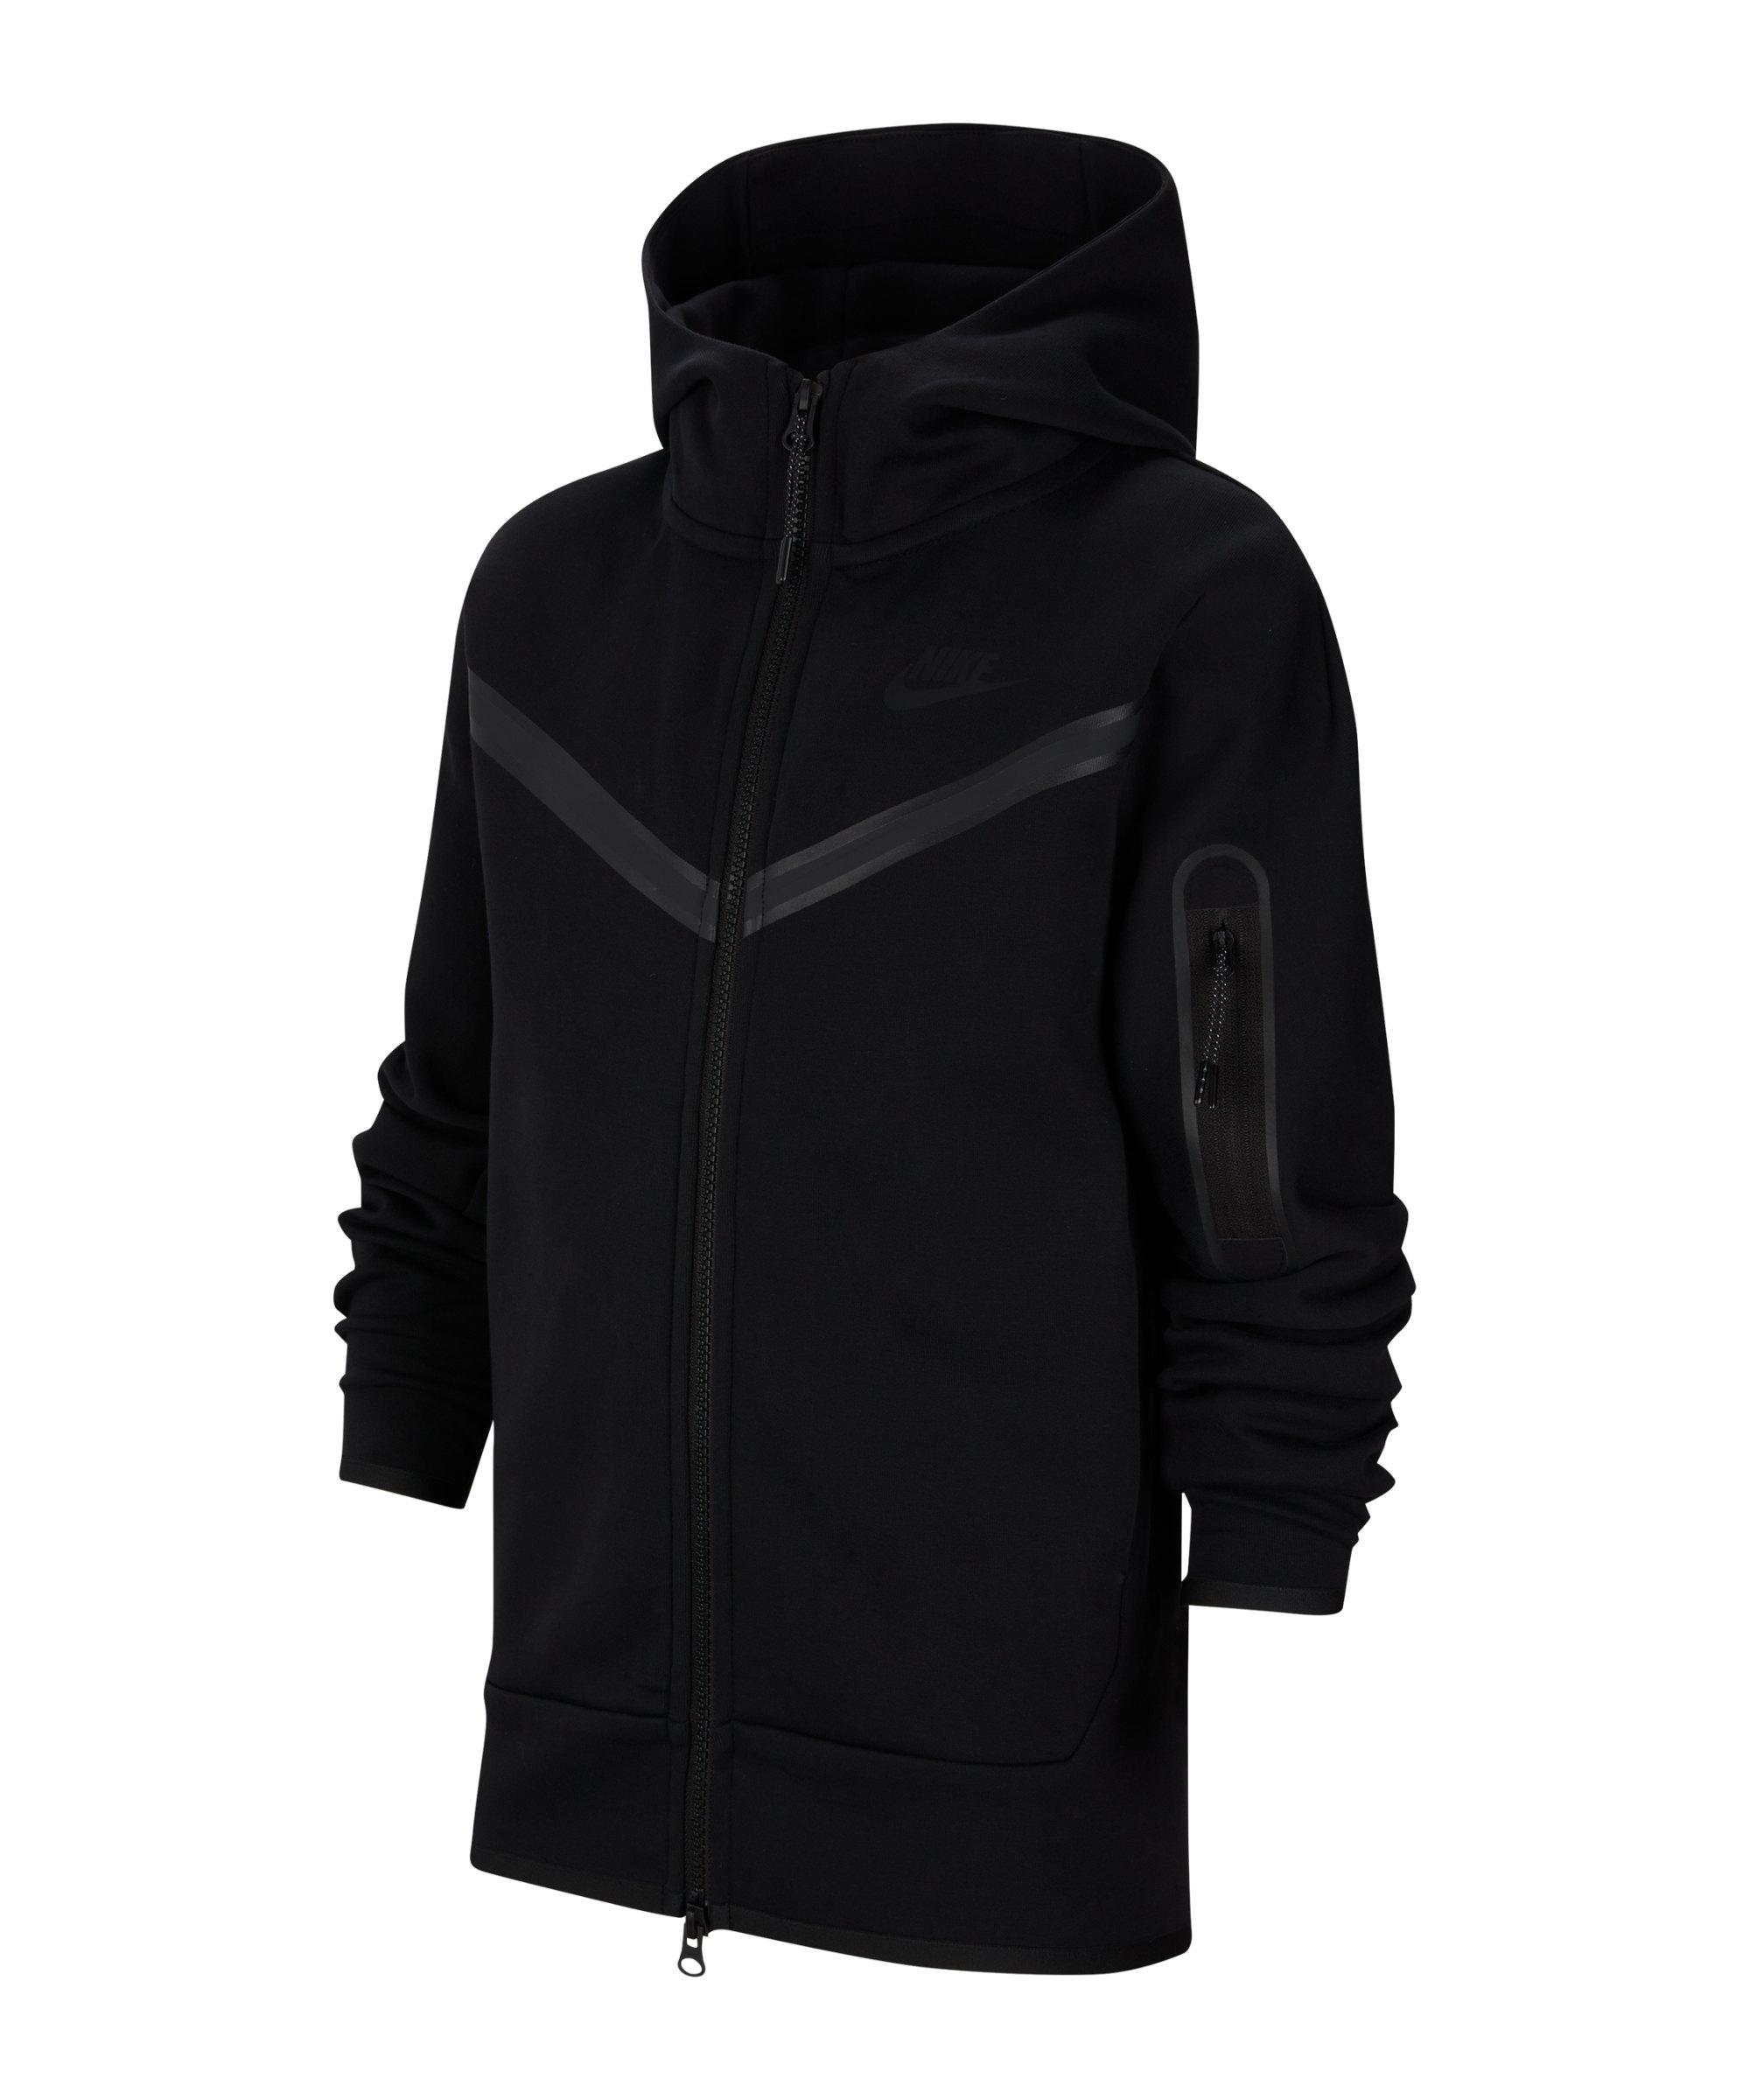 Nike Tech Fleece Jacke Kids F010 - schwarz